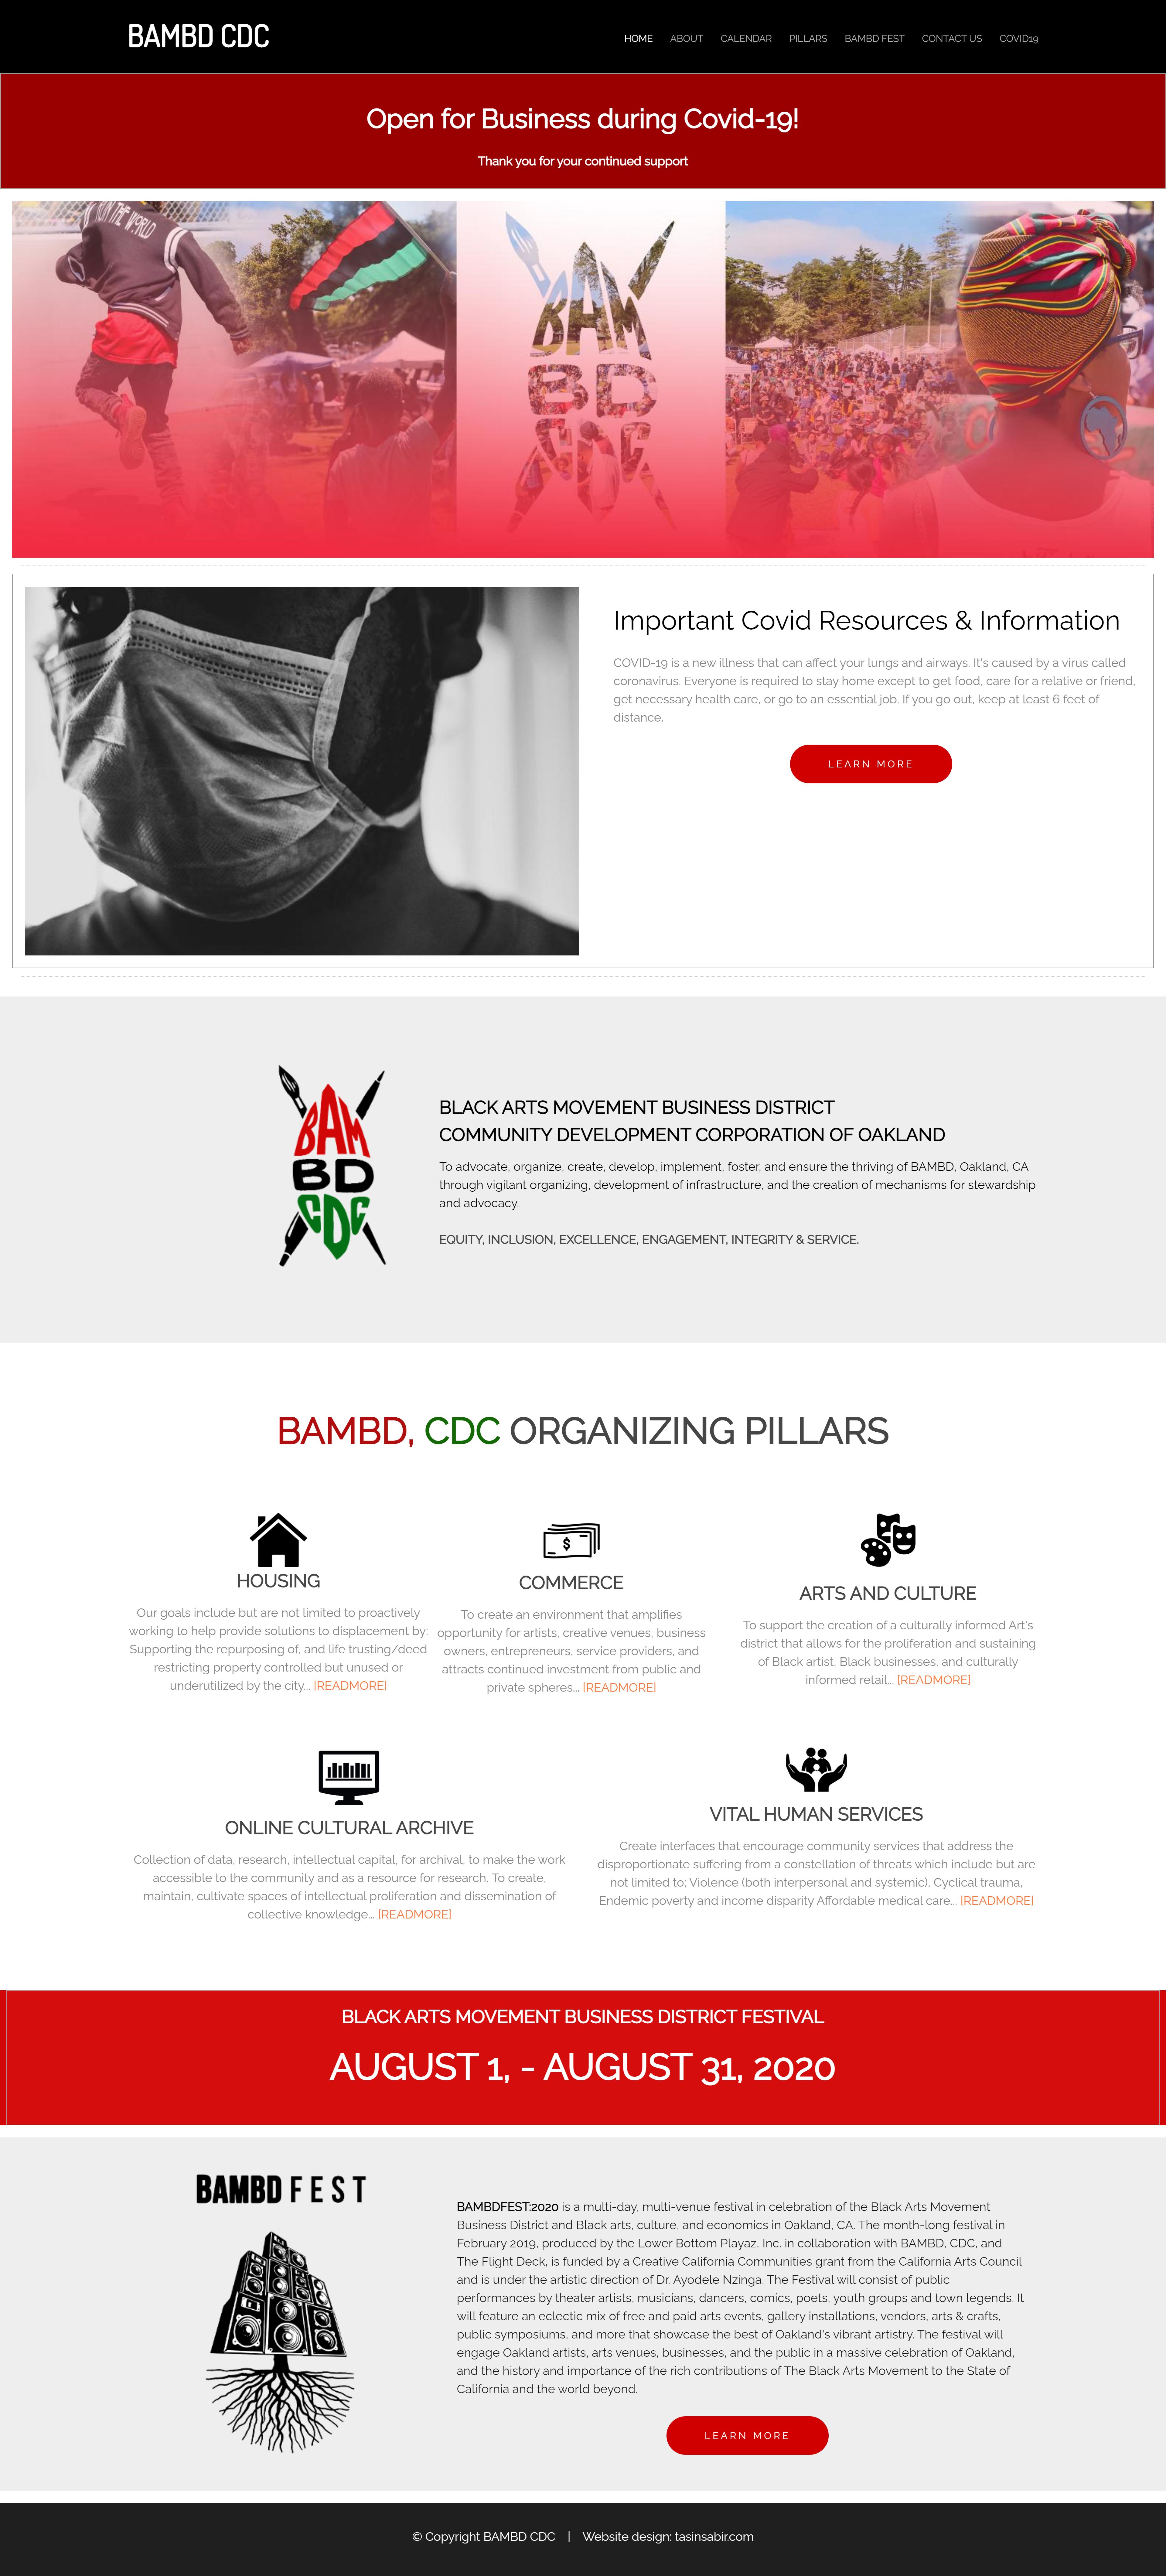 bambdcdc.com